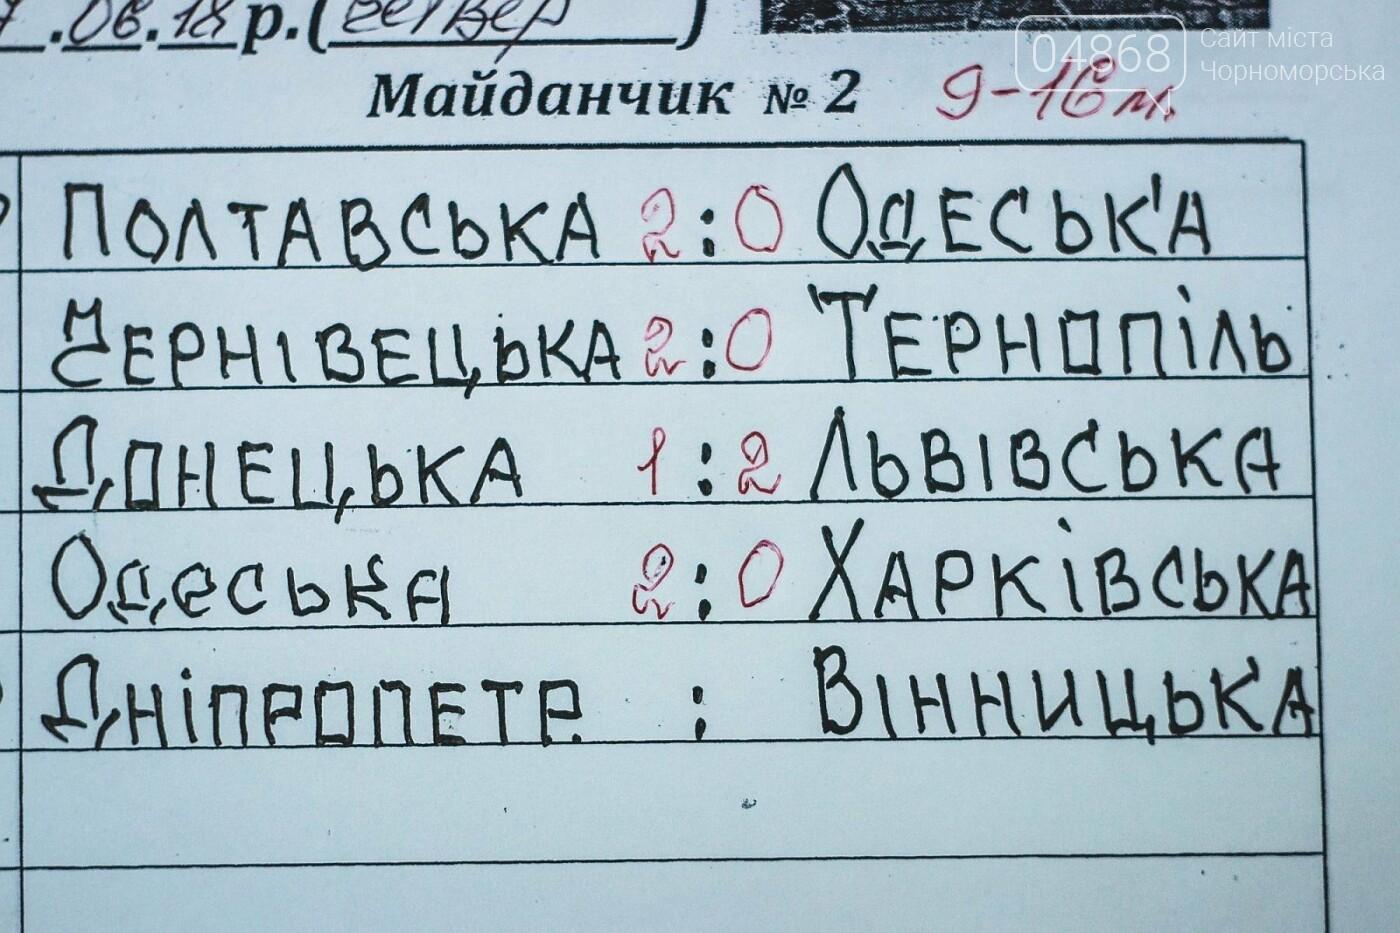 Сборная Одесской области обыграла сборную Харьковской в депутатской спартакиаде по волейболу, фото-16